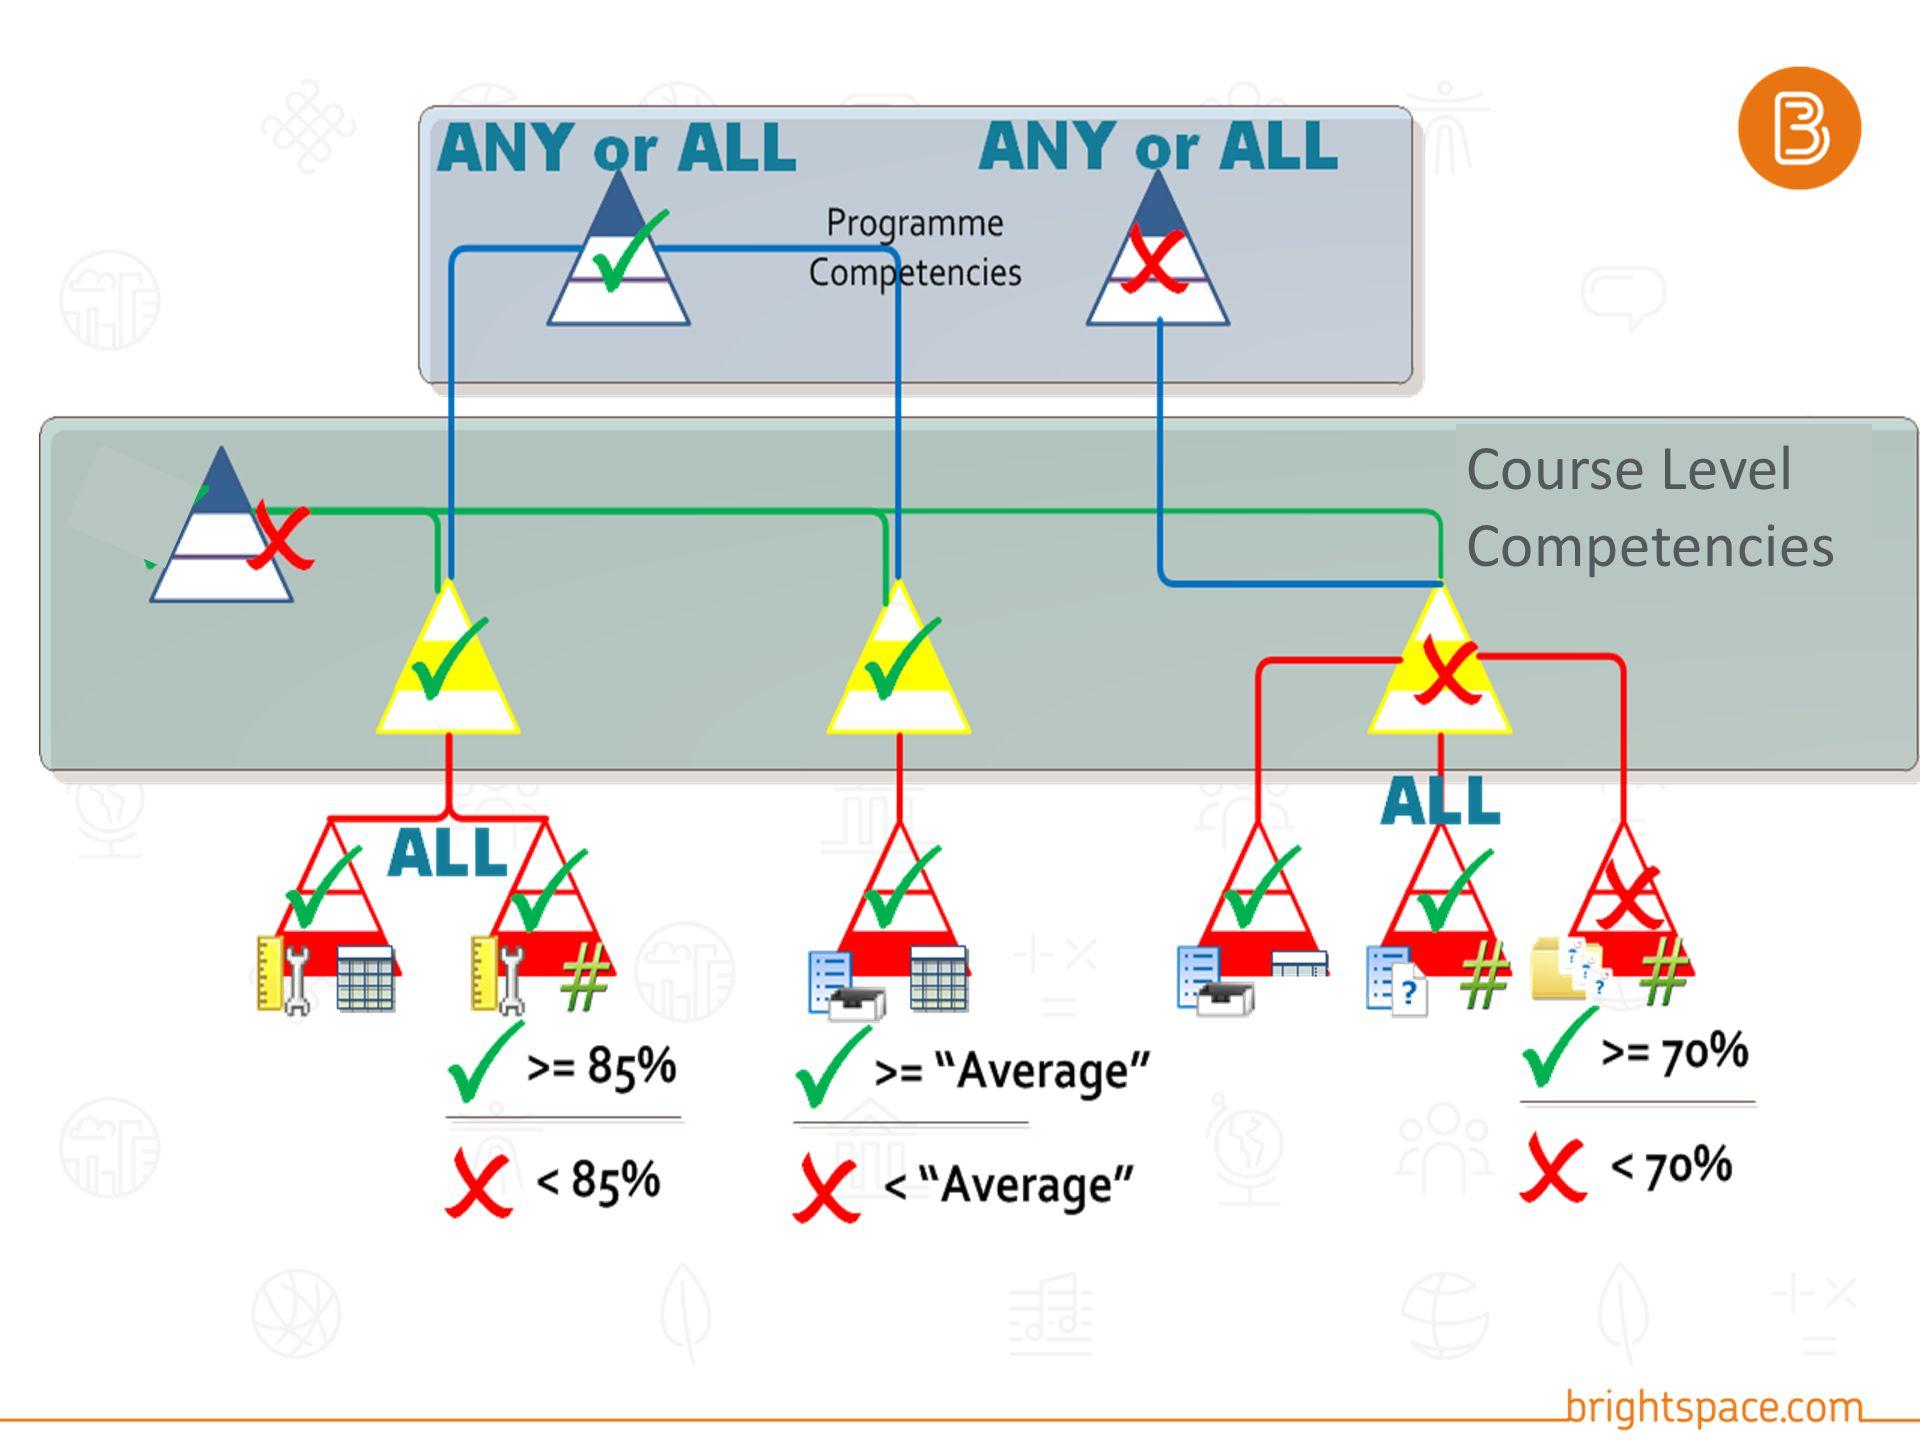 Course Level Competencies